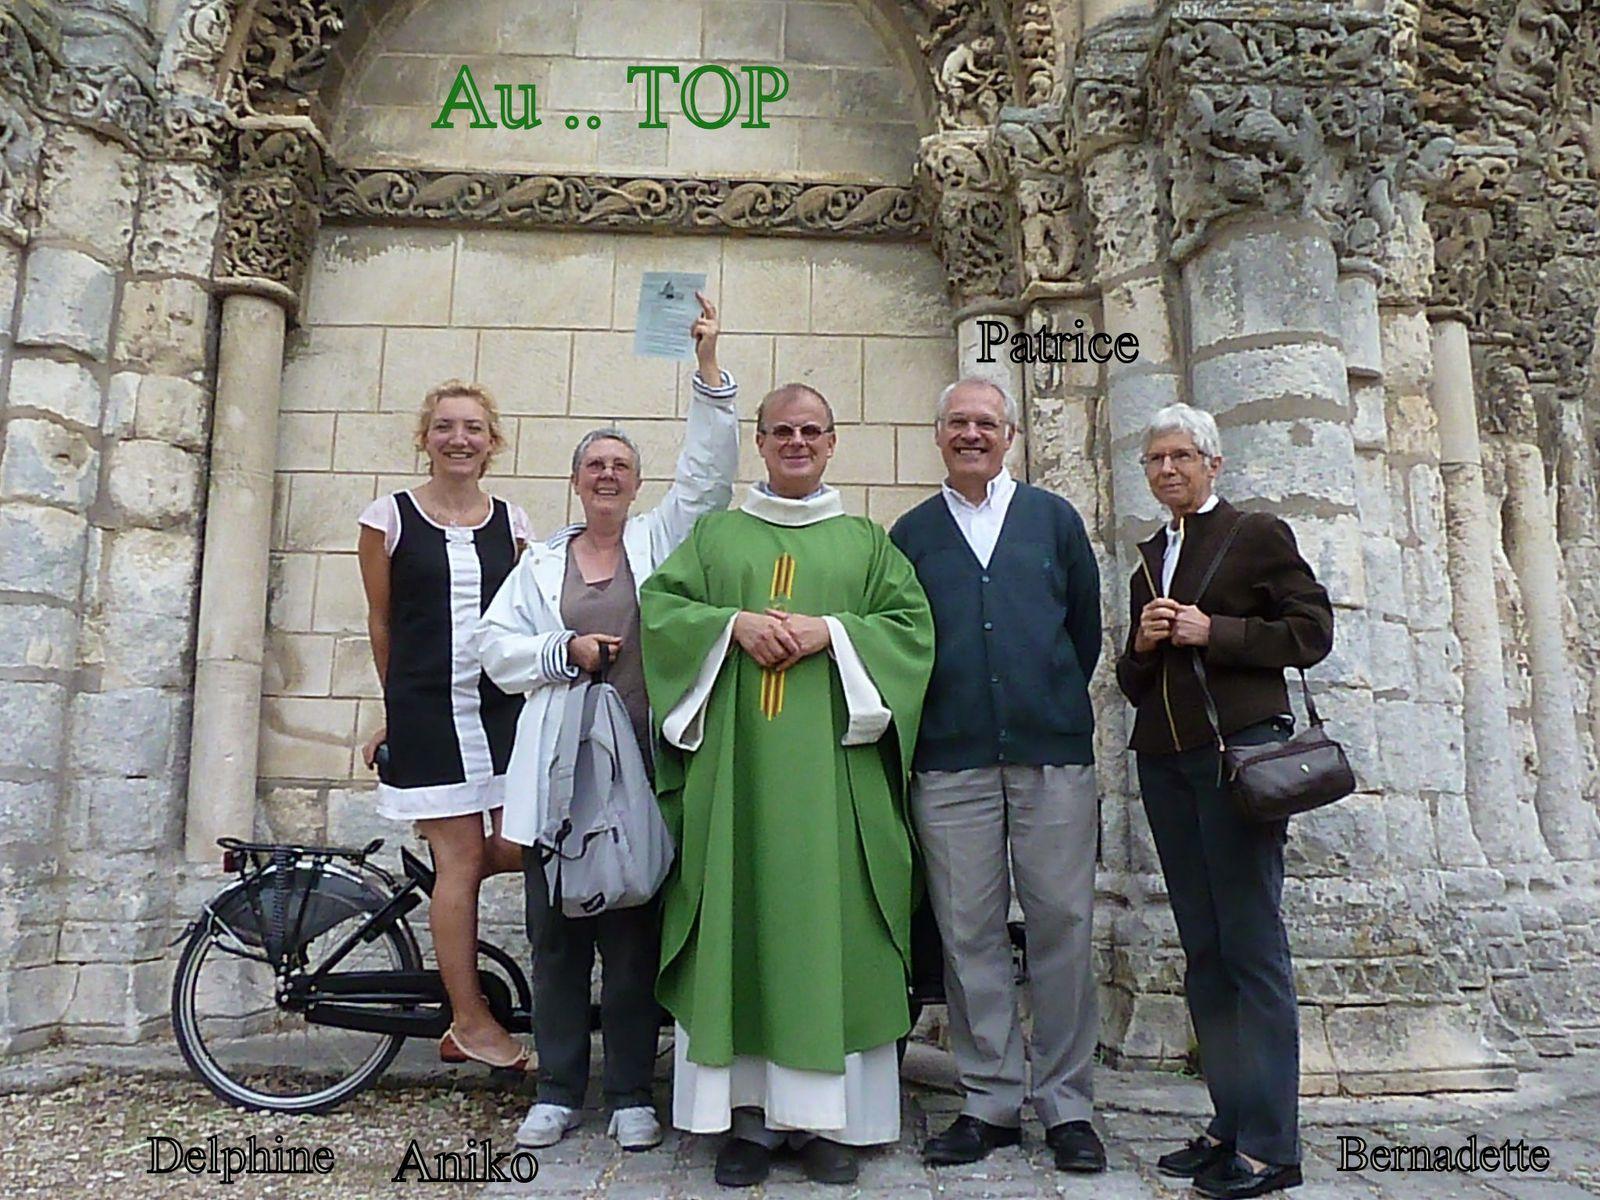 28 - Alzheimer.... pour ne pas oublier  ... aussi les aidants - Cognac et les ailes françaises - Top ... modèle paroissiale - Mère et fille, des humains sur les murs